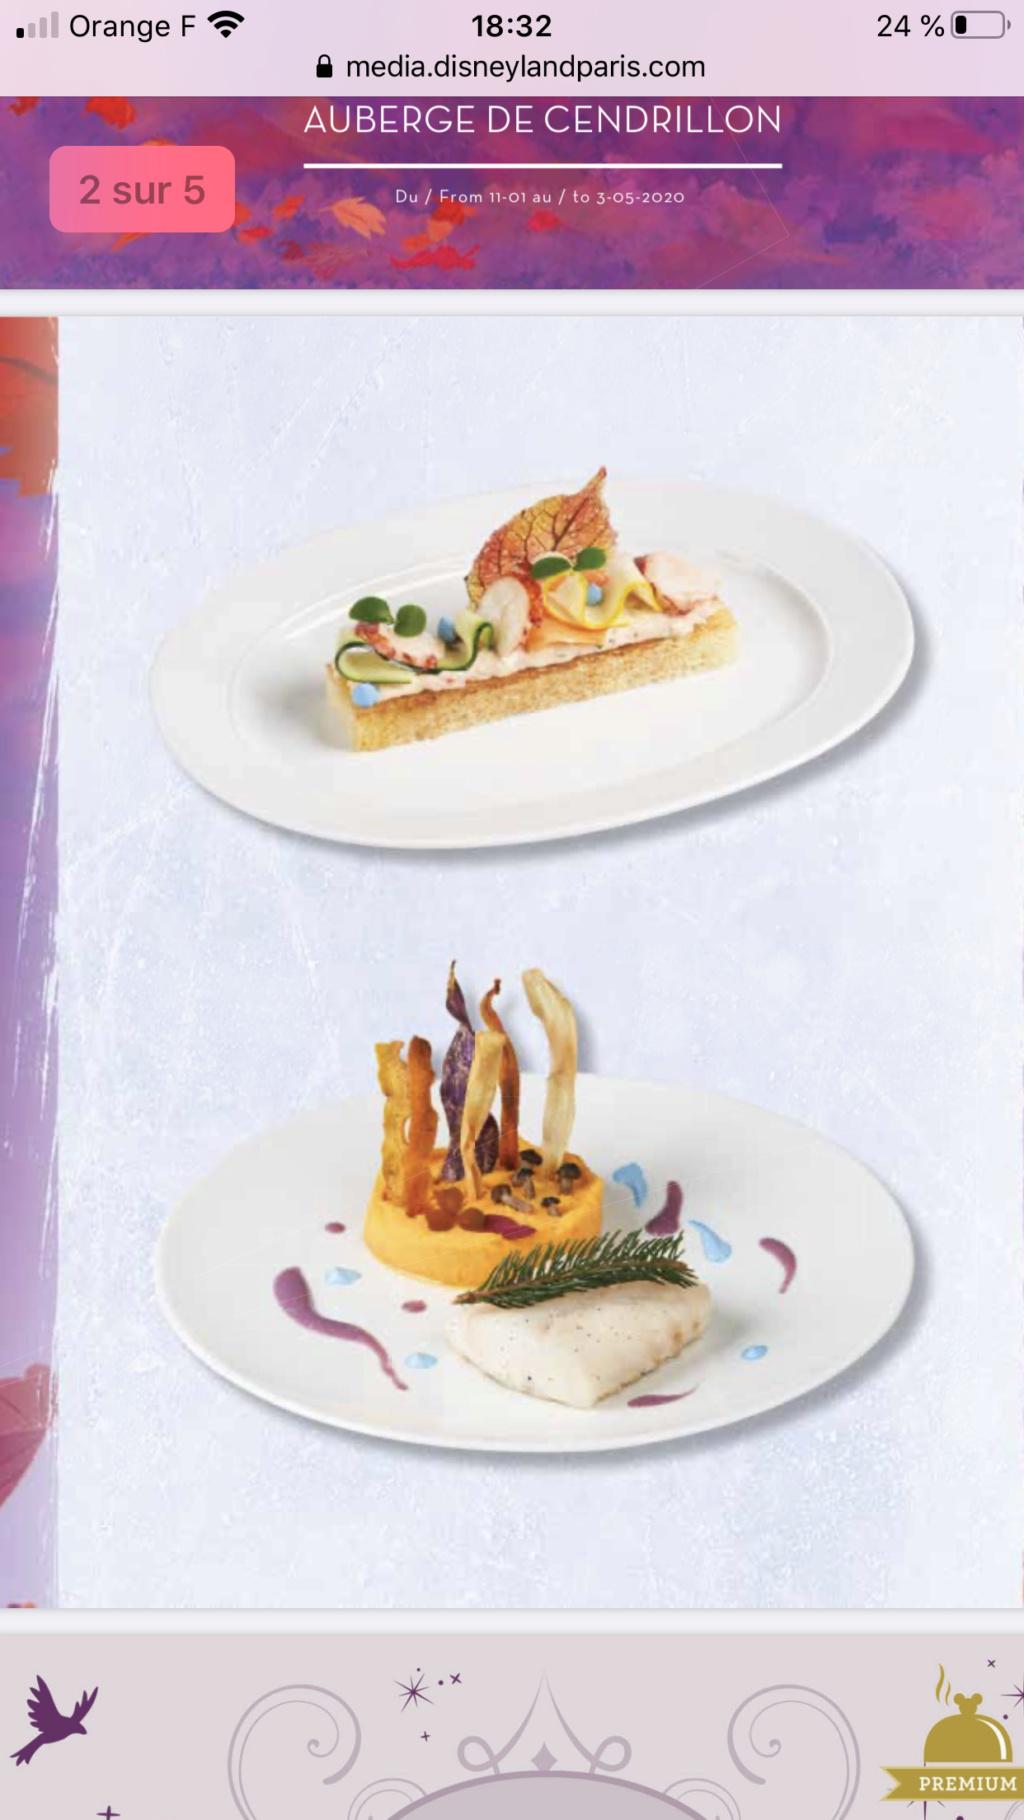 [Service à table] Auberge de Cendrillon - Page 36 23c7fc10